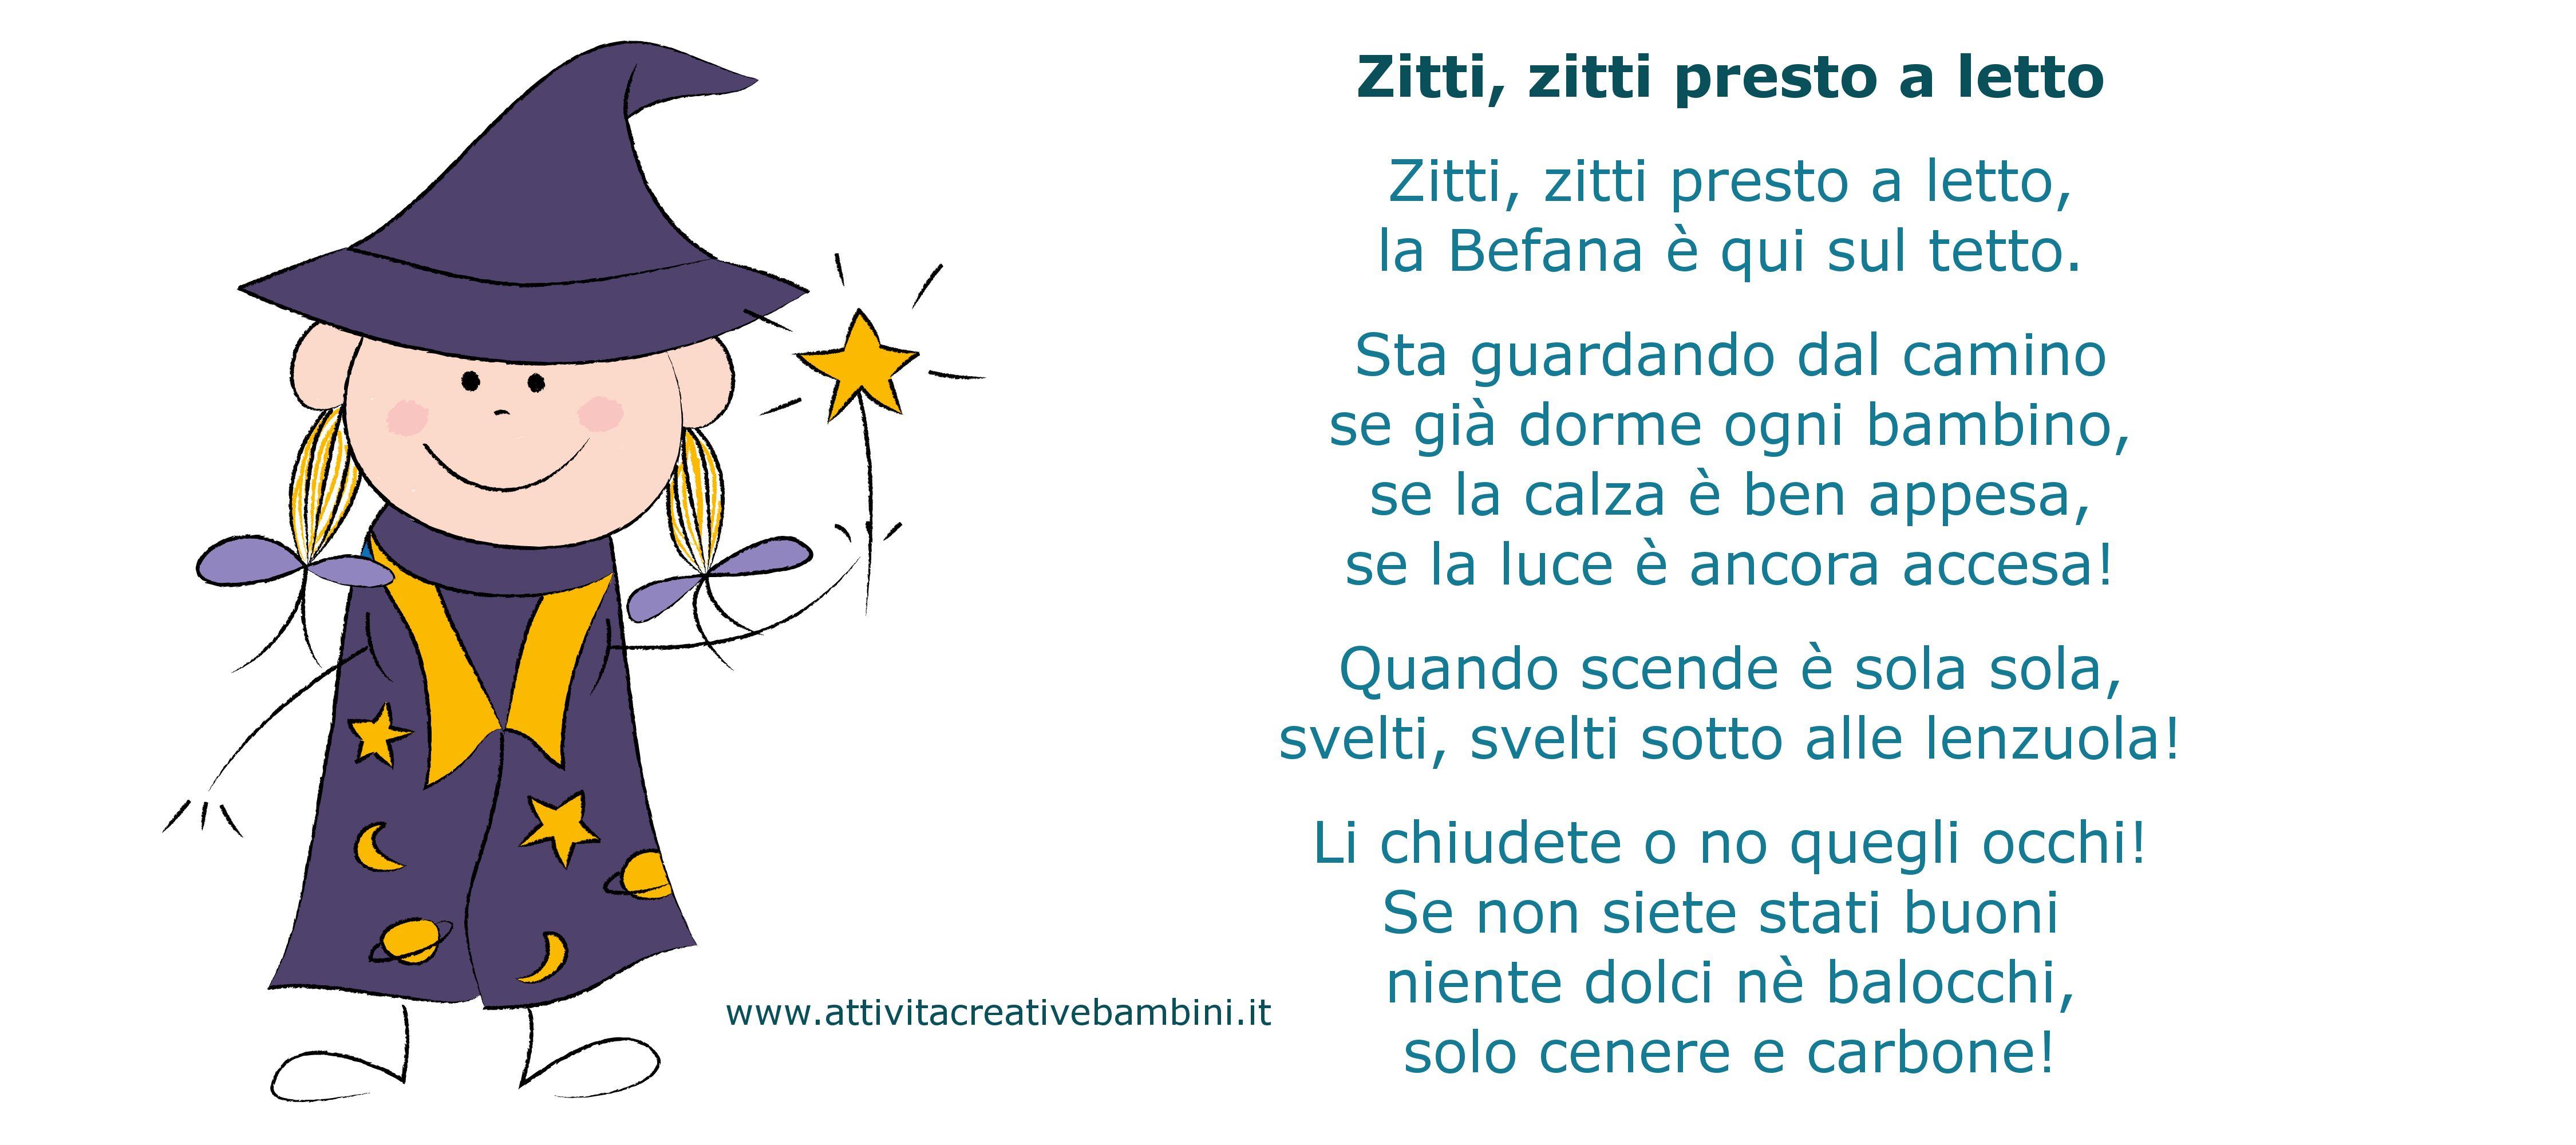 Poesie Di Natale In Dialetto Siciliano Per Bambini.Filastrocca Per La Befana Filastrocche Girotondi